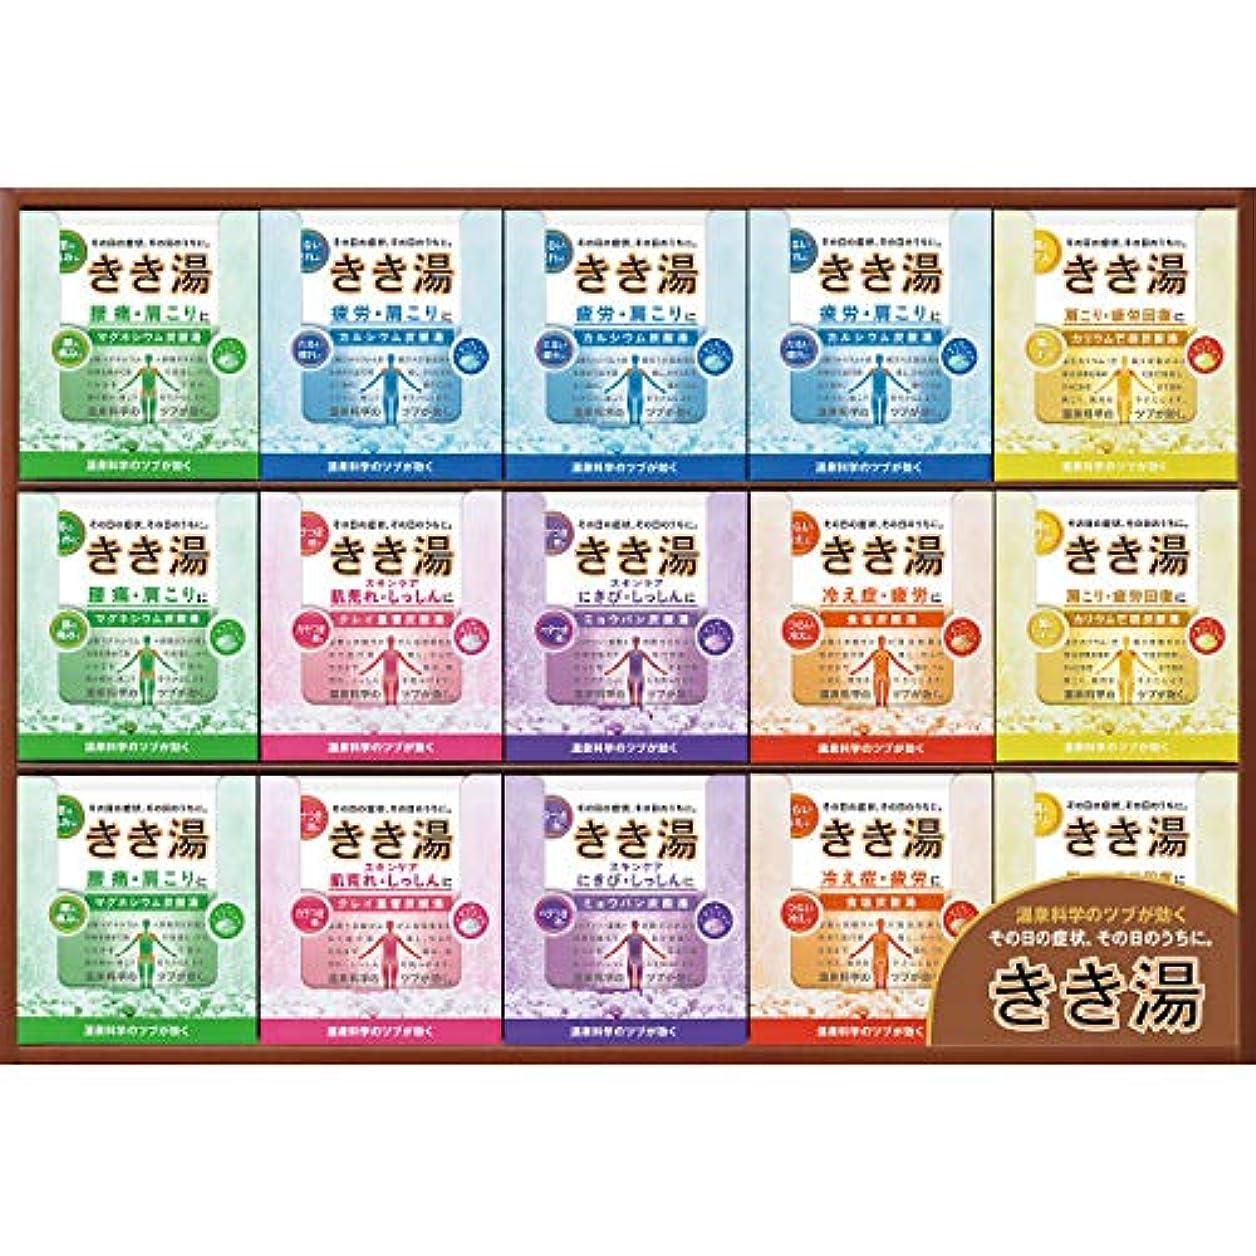 構成浸す予算【ギフトセット】 きき湯オリジナルギフトセット KKY-50C